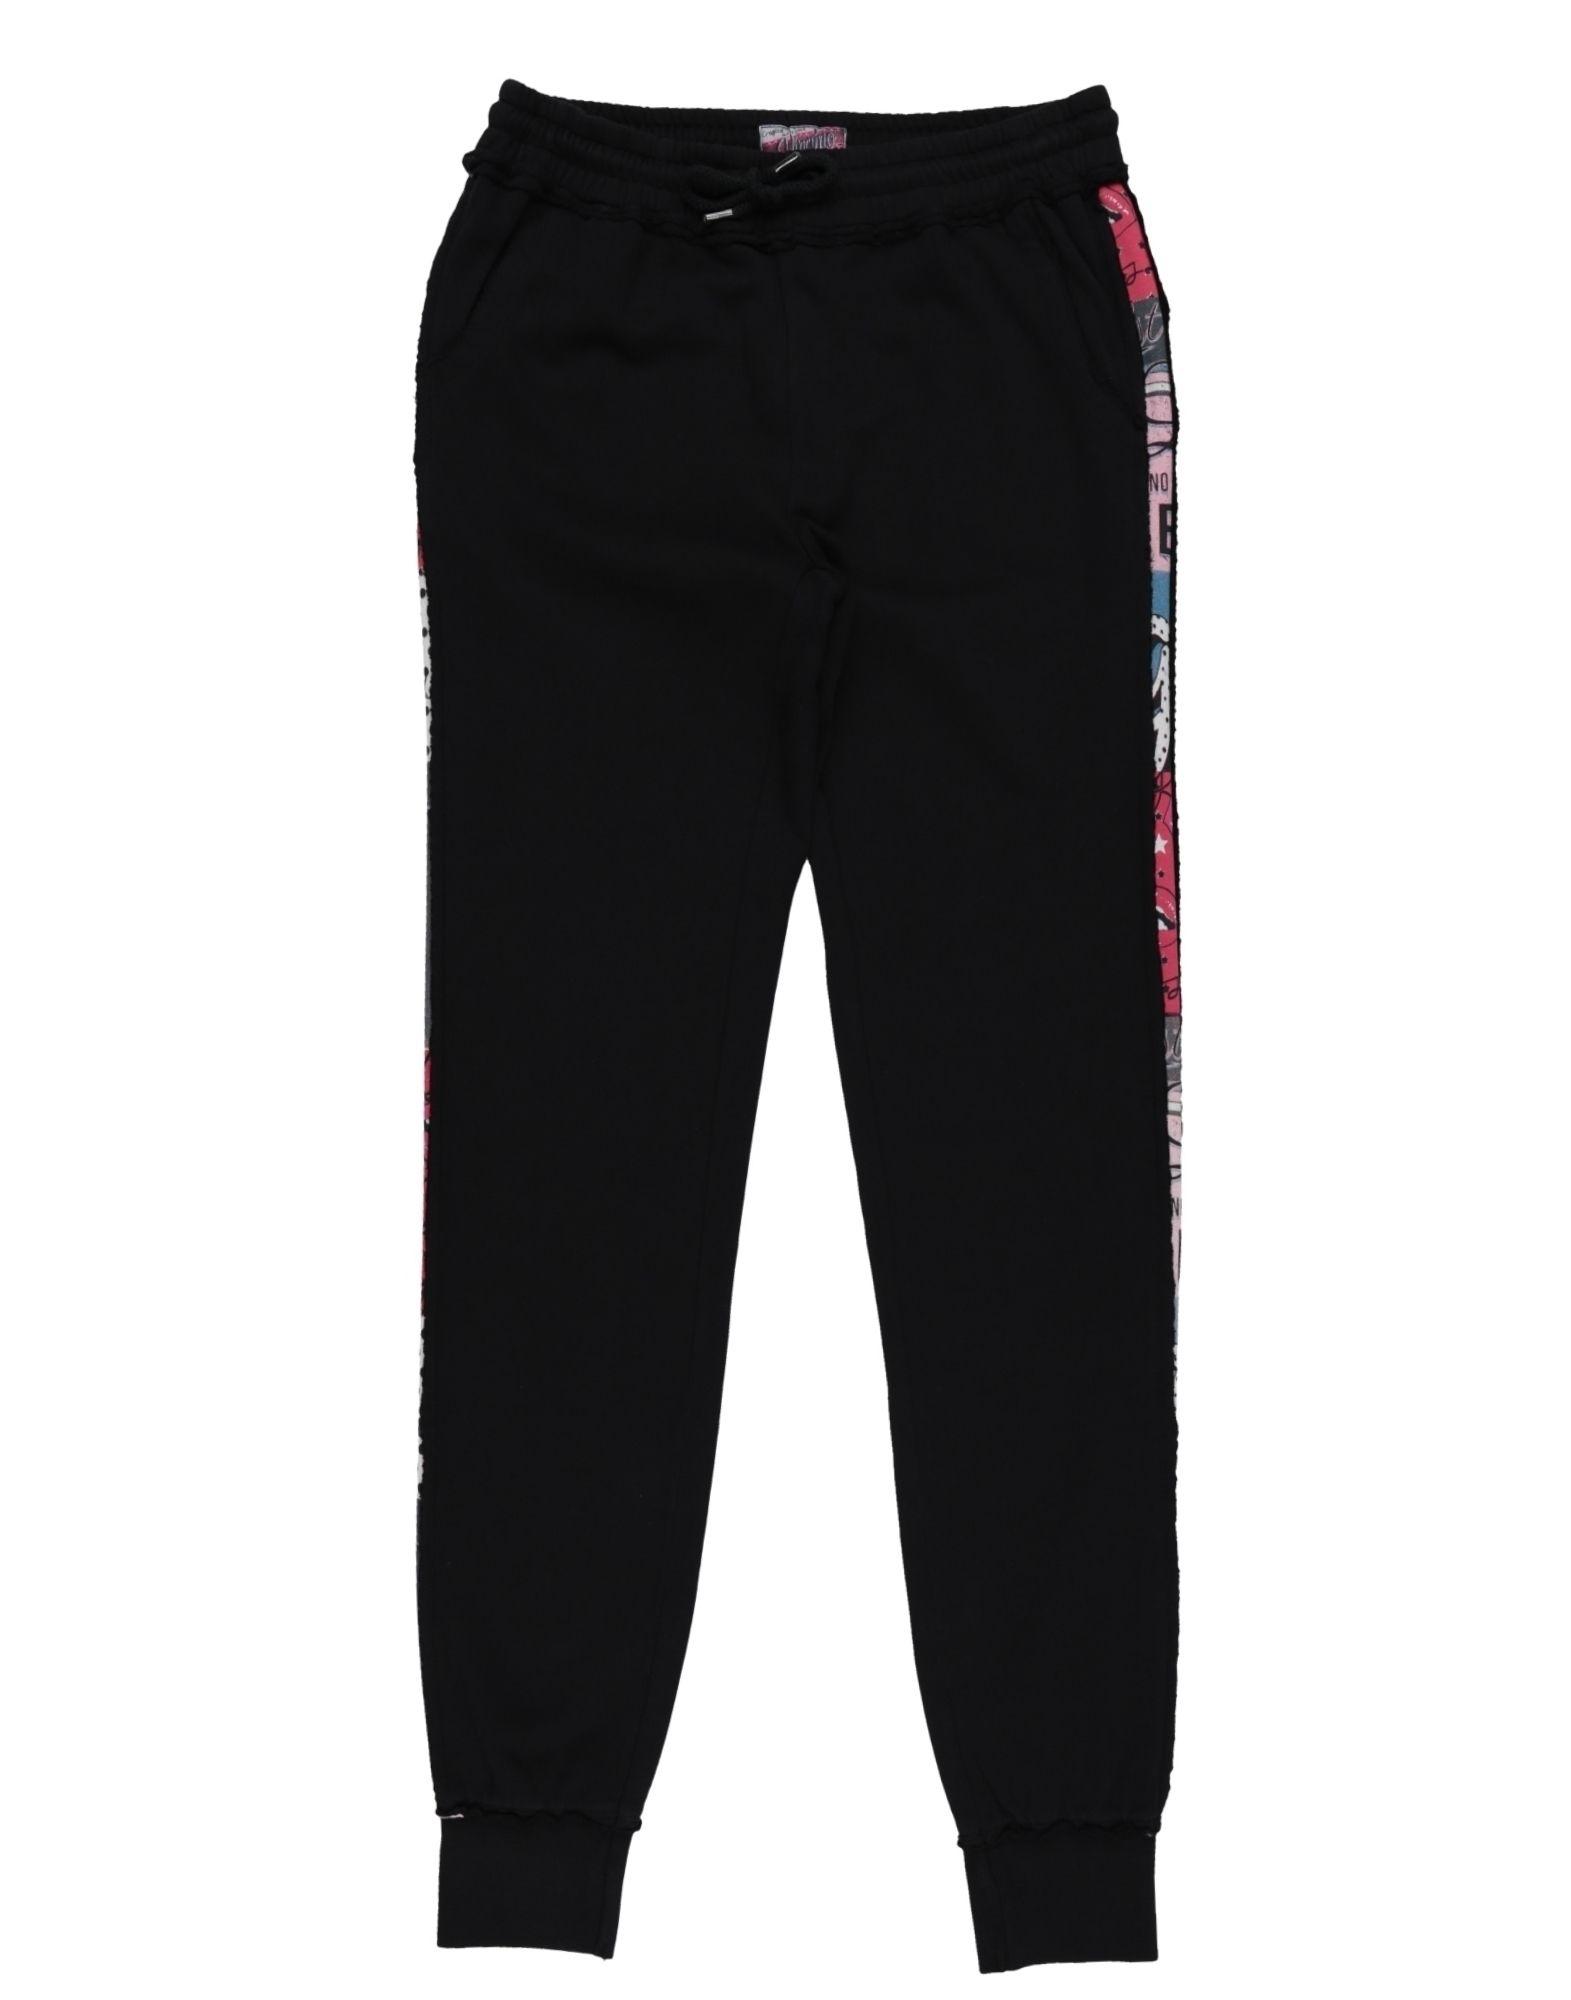 VINGINO Casual Pants in Black